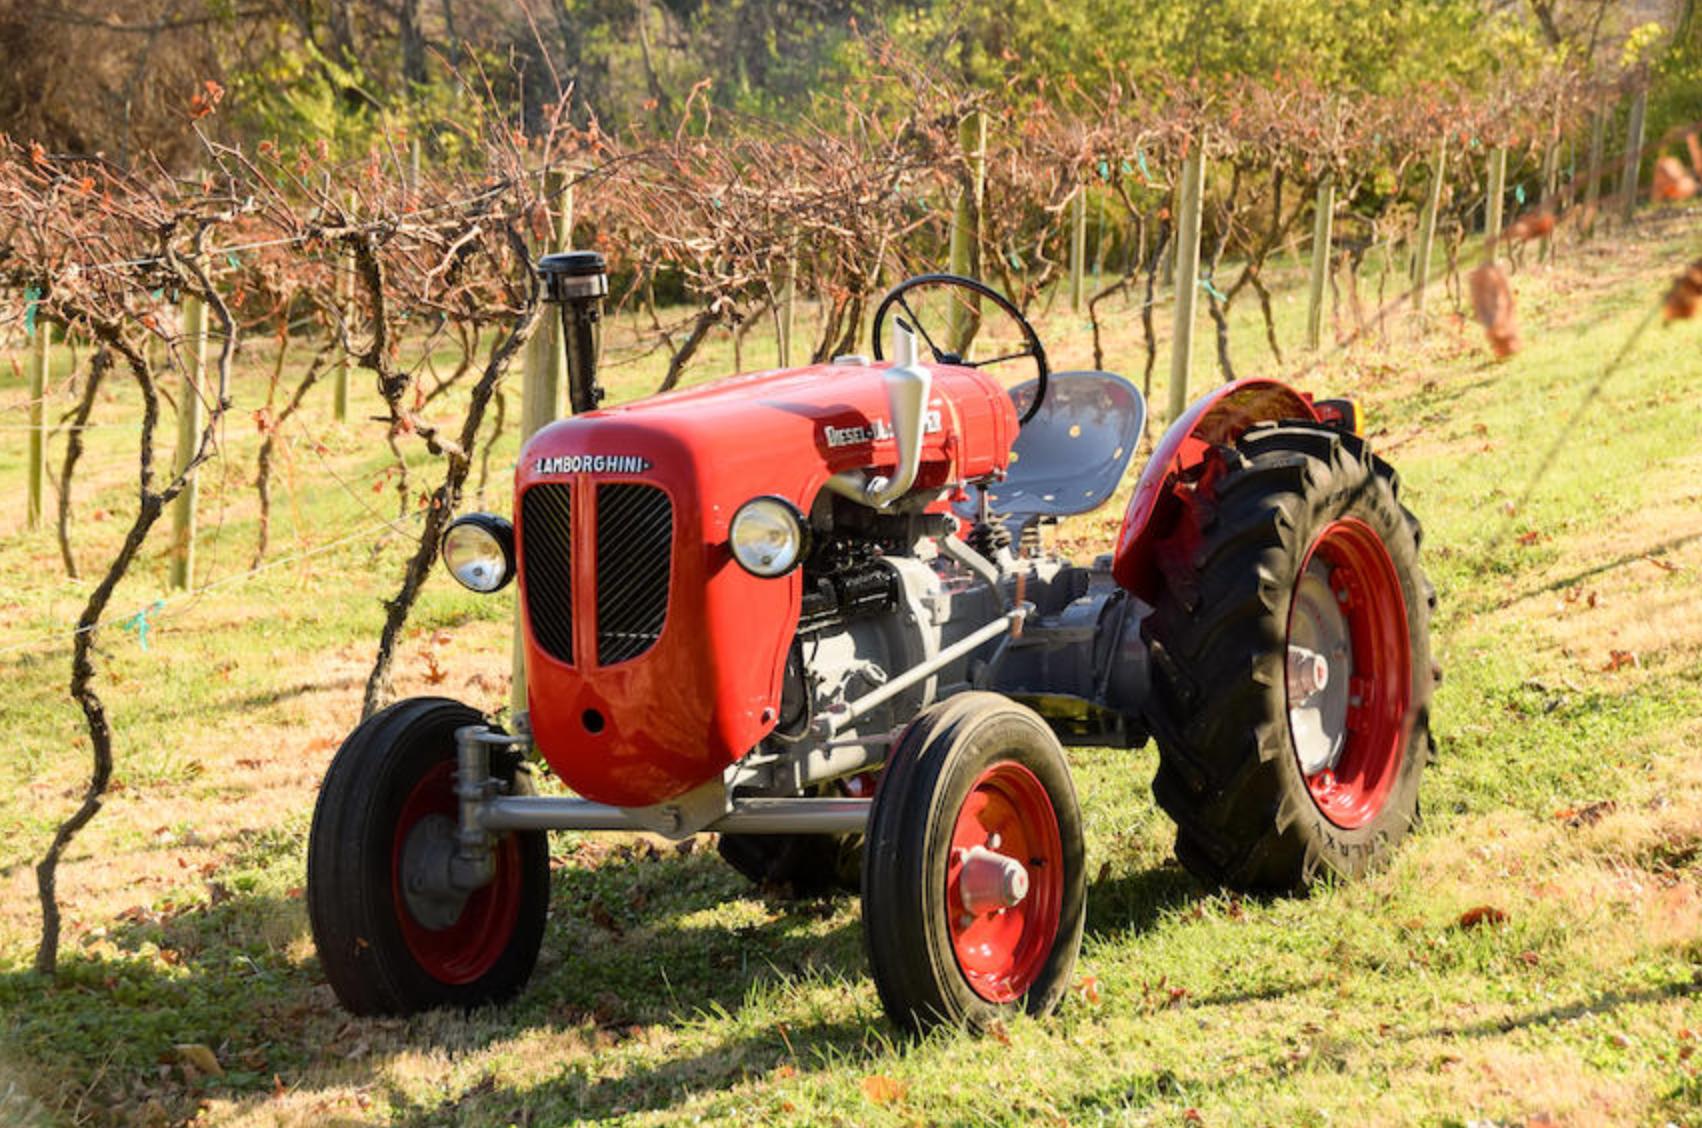 Lamborghini tractor bonhams